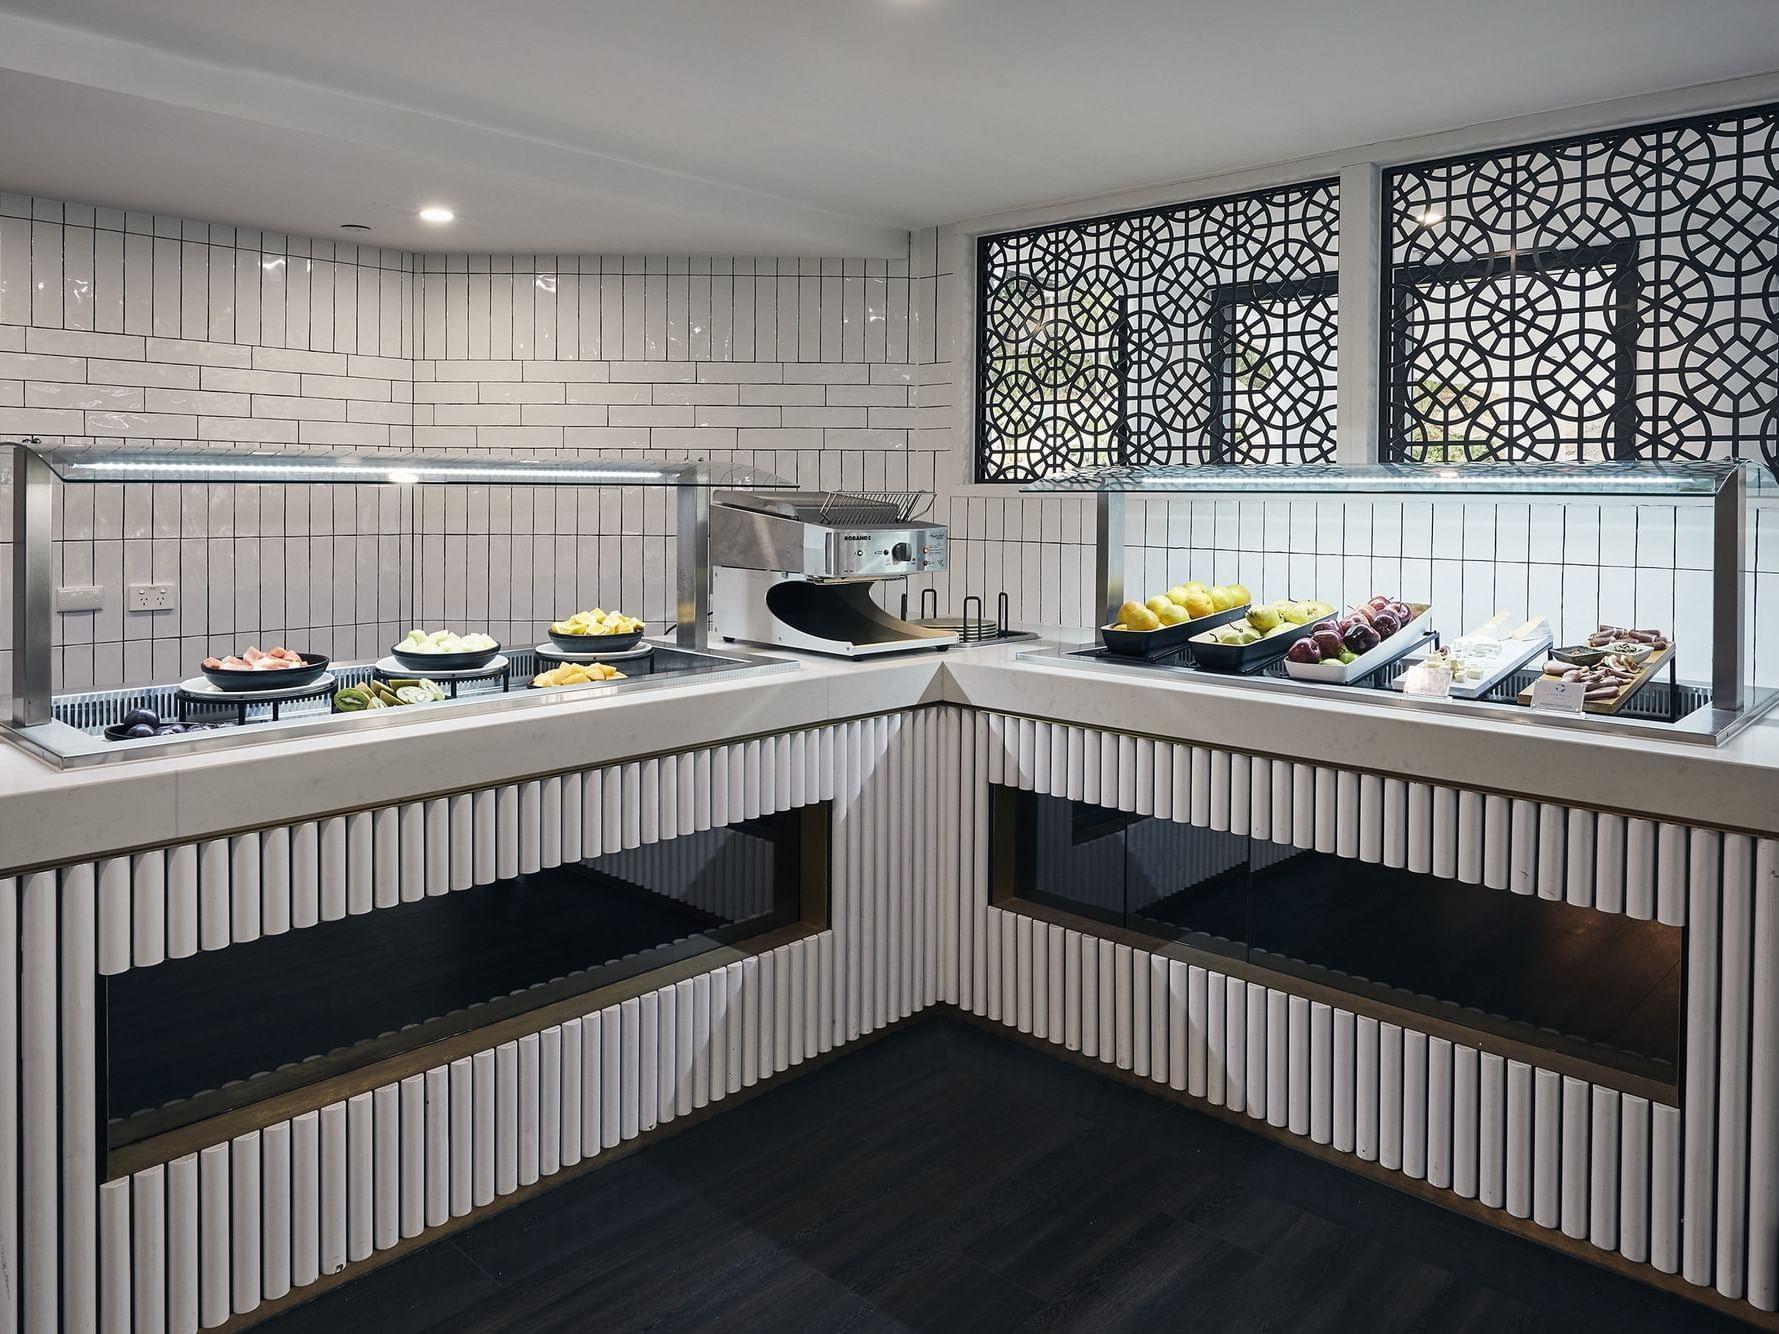 Graze Restaurant Buffet with fruits at Daydream Island Resort